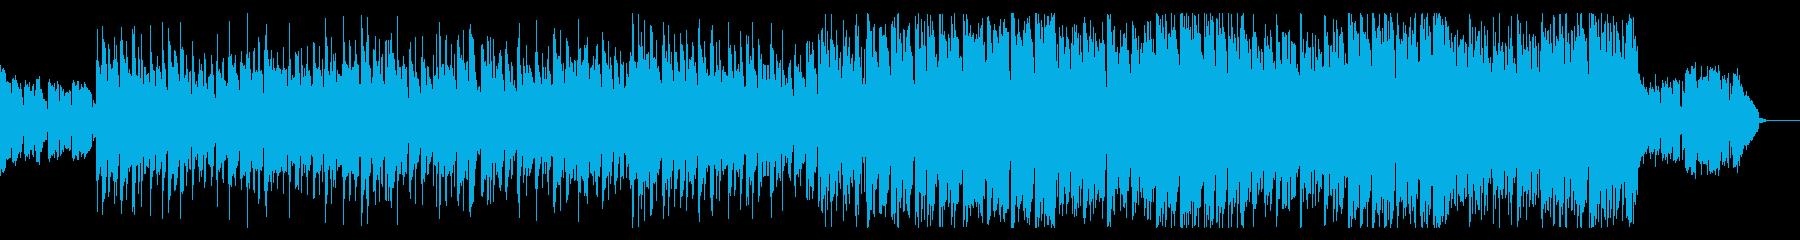 シネマティックなギターアンビエントの再生済みの波形